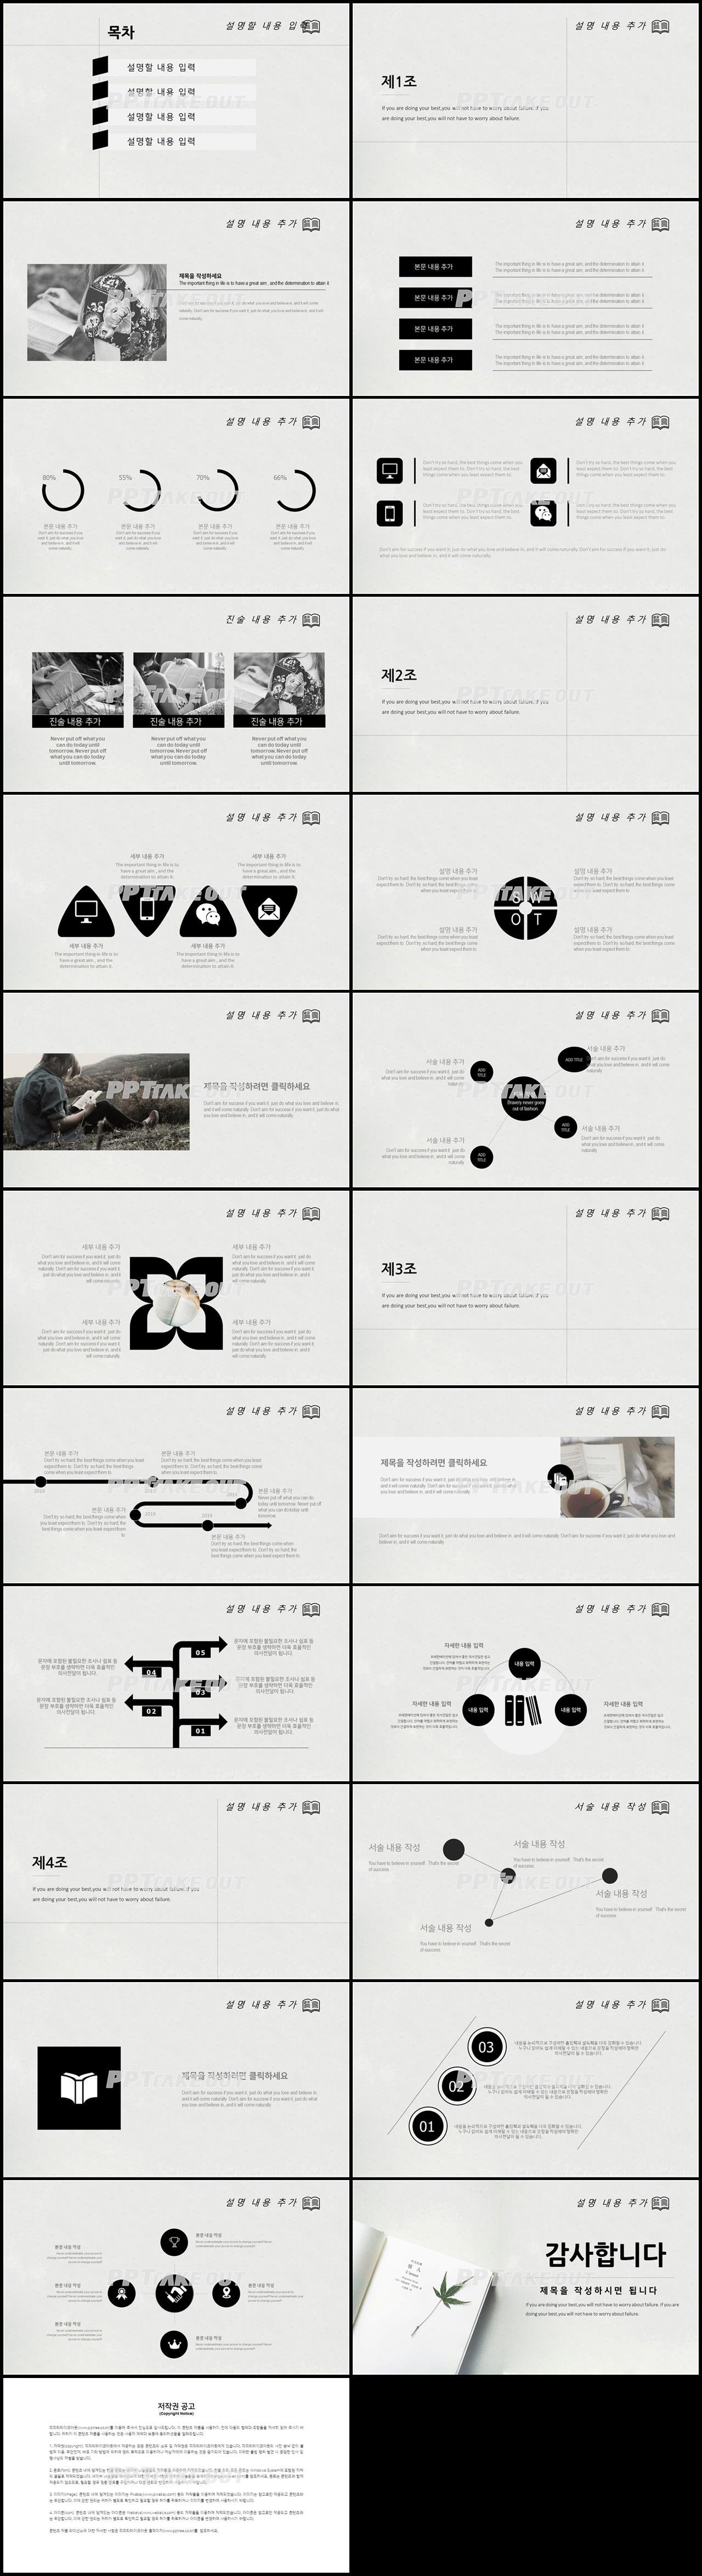 플라워, 동물주제 블랙 예쁜 다양한 주제에 어울리는 파워포인트테마 디자인 상세보기